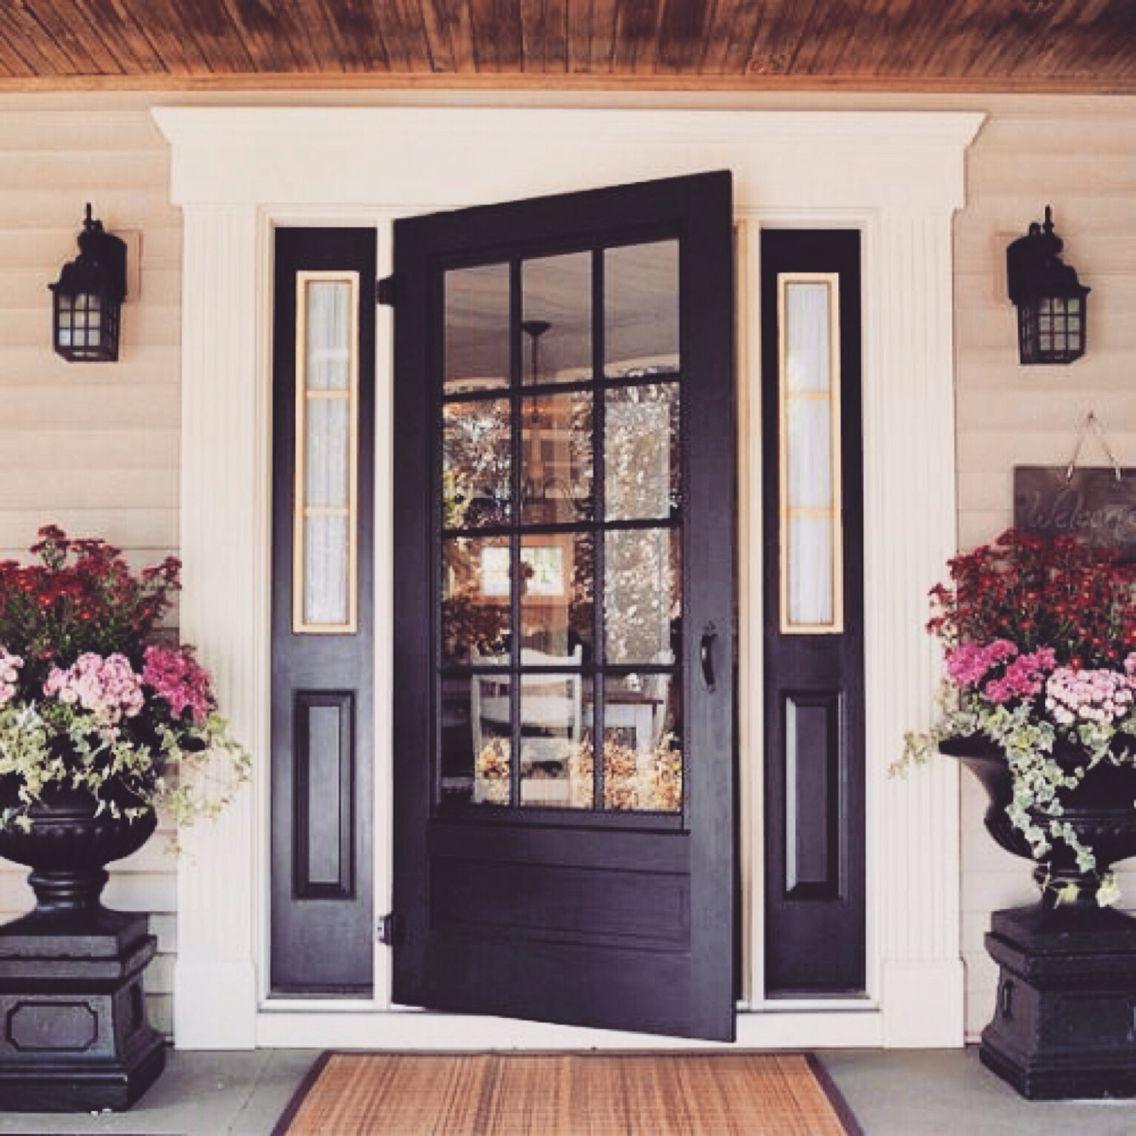 Charming front door.